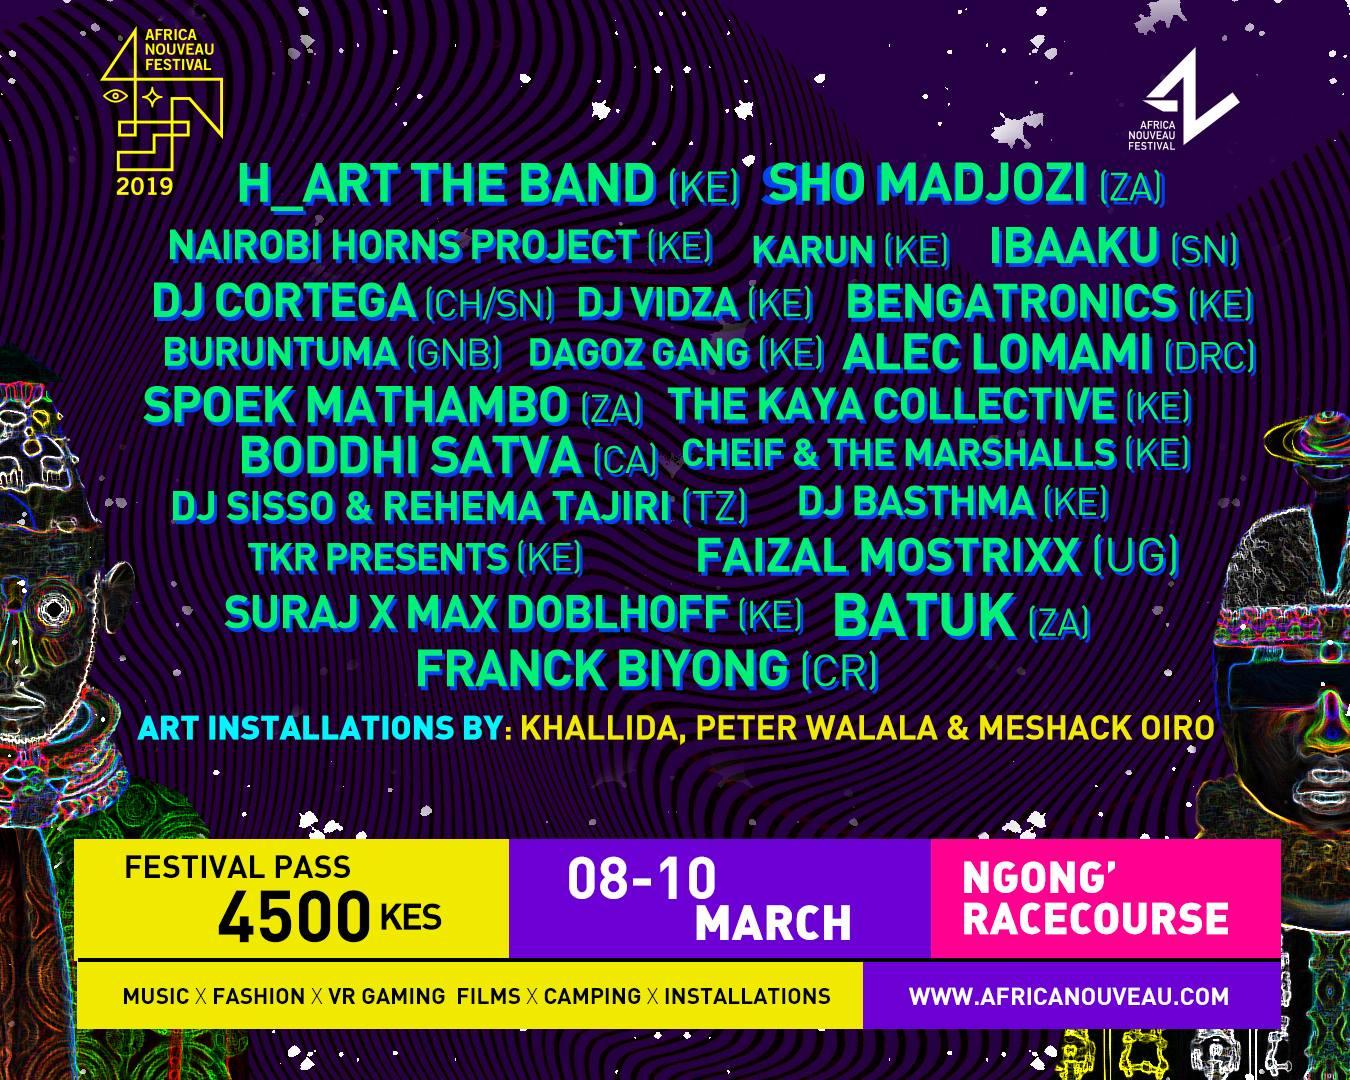 Africa Nouveau Festival 2019 Line Up